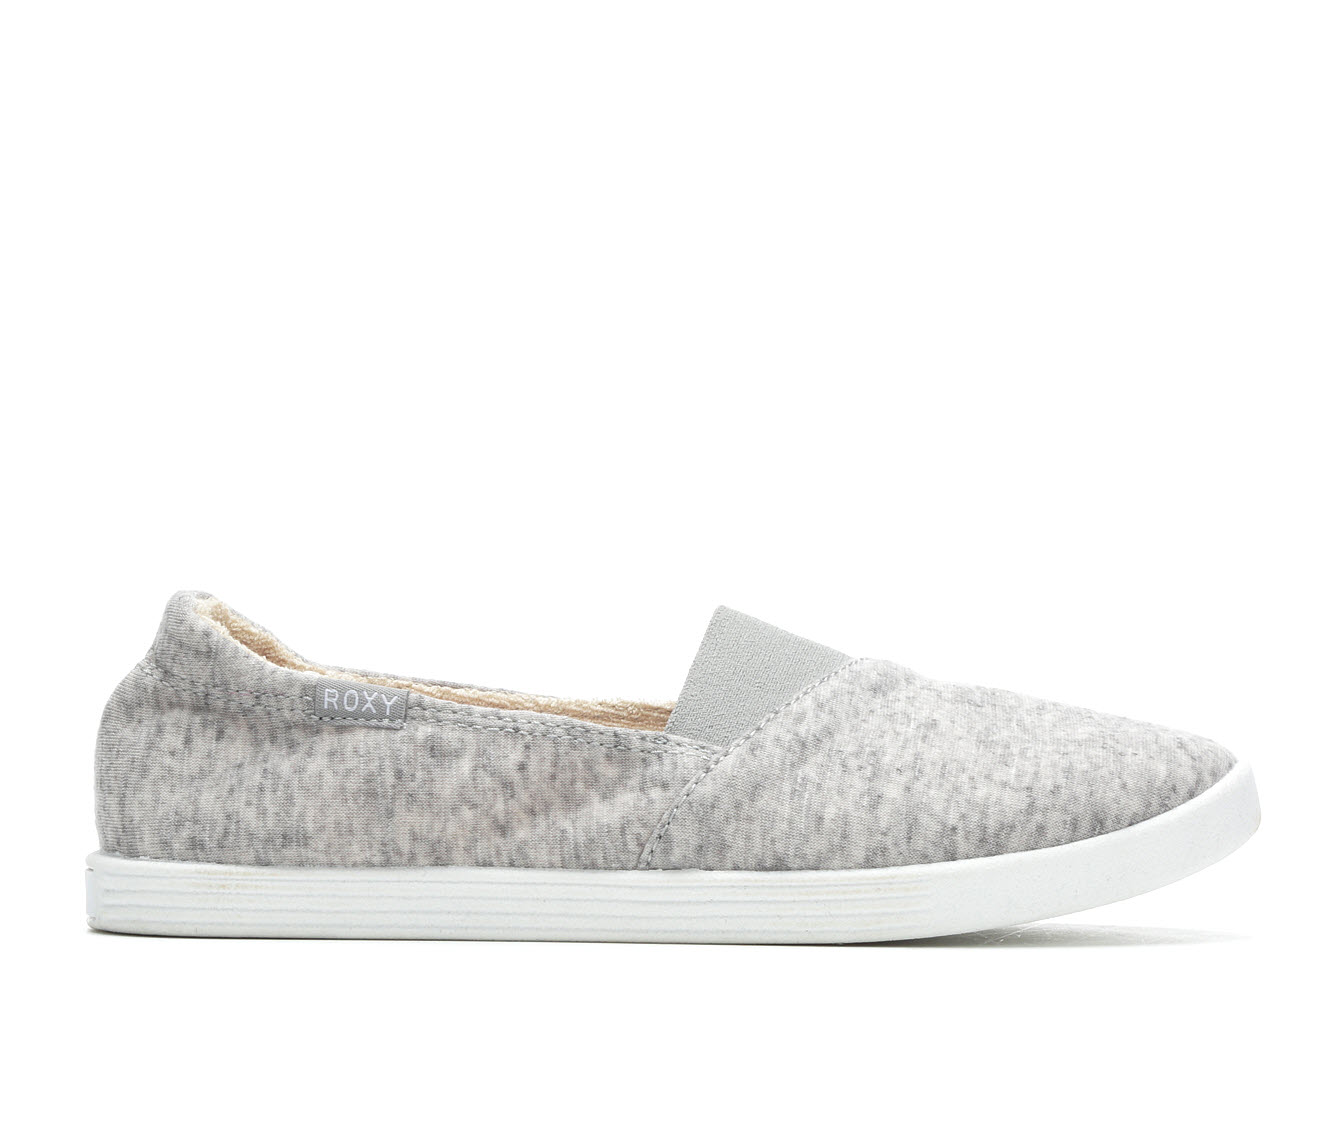 Roxy Danaris Women's Shoe (Gray Canvas)